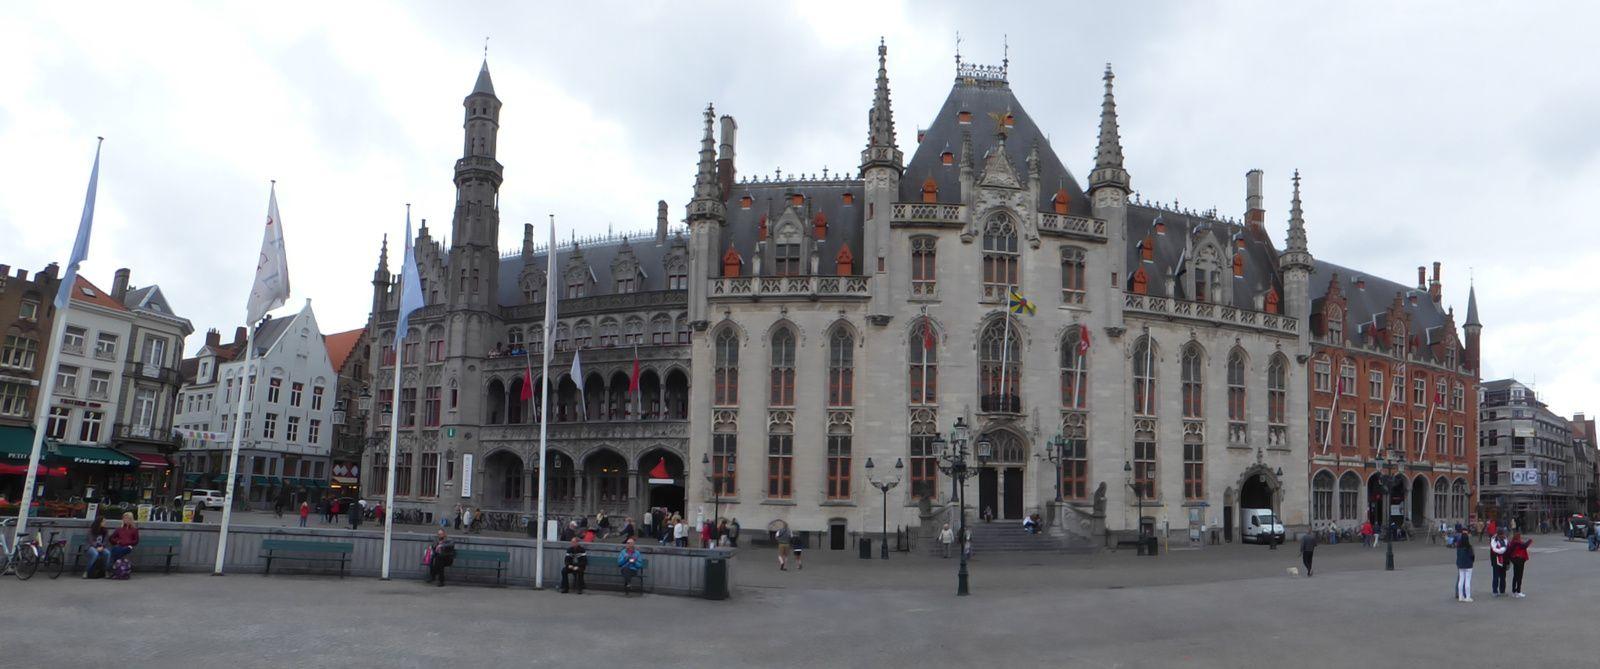 Bruges, ses canaux, beffroi, jolies façades....